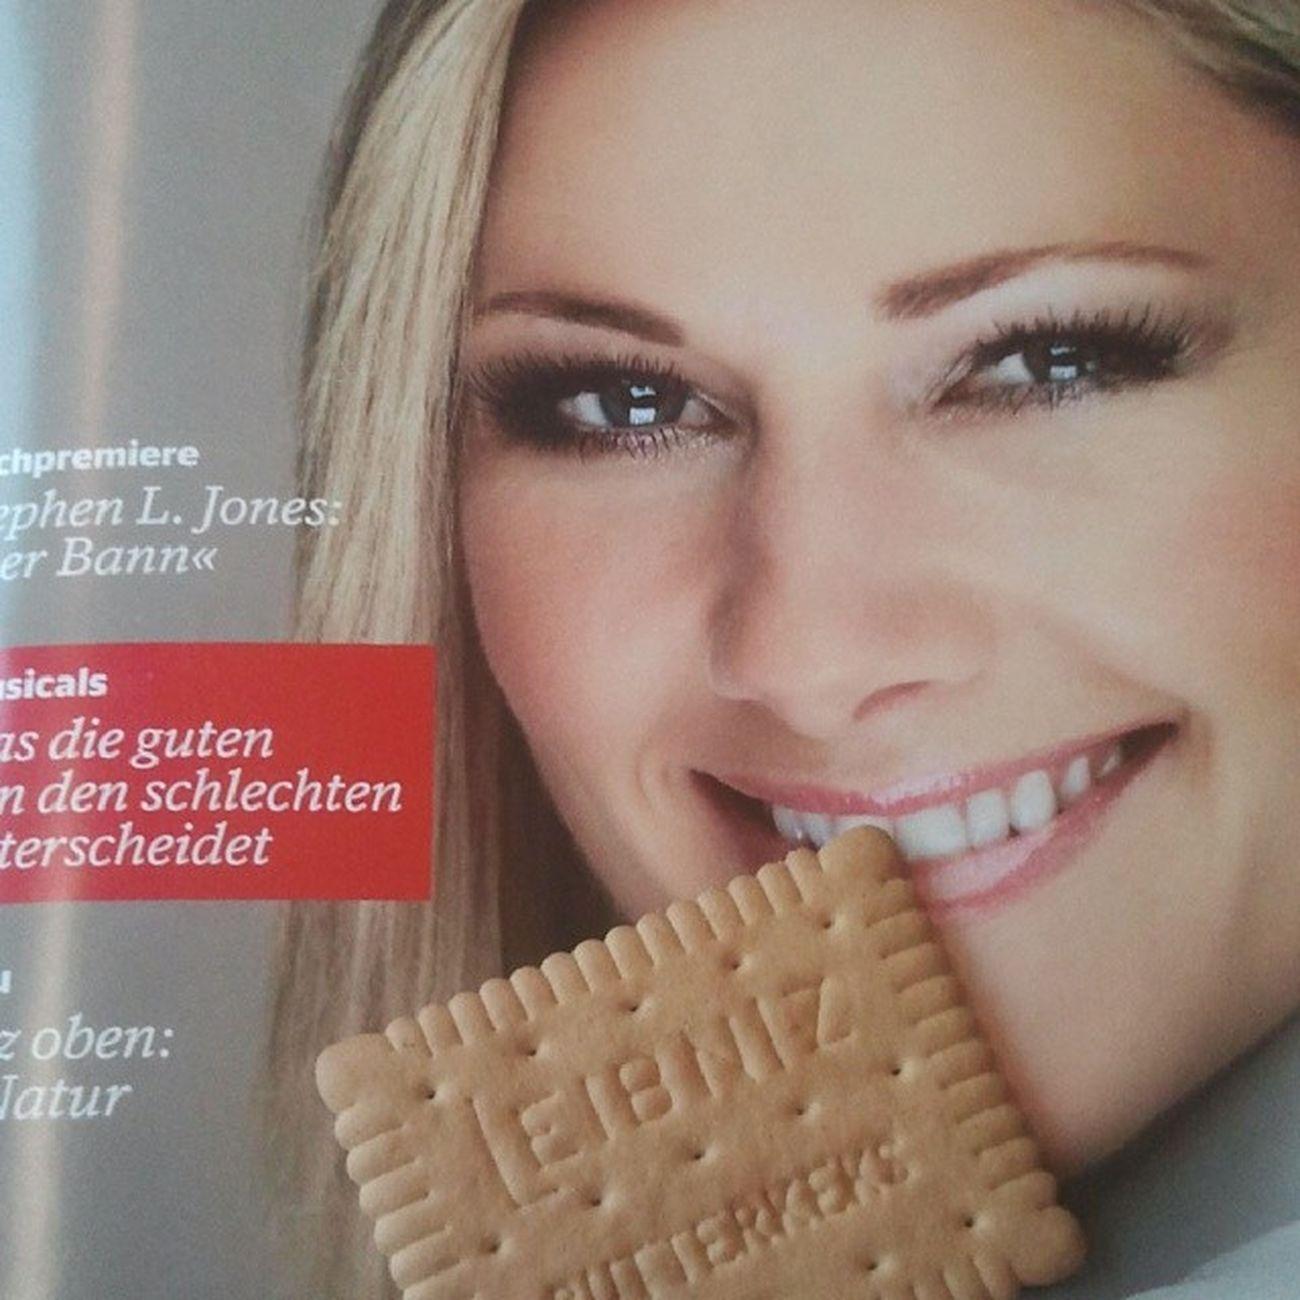 Sitze im Zug mit Helene Fischer. Biete ihr Kekse an. Sie lächelt.